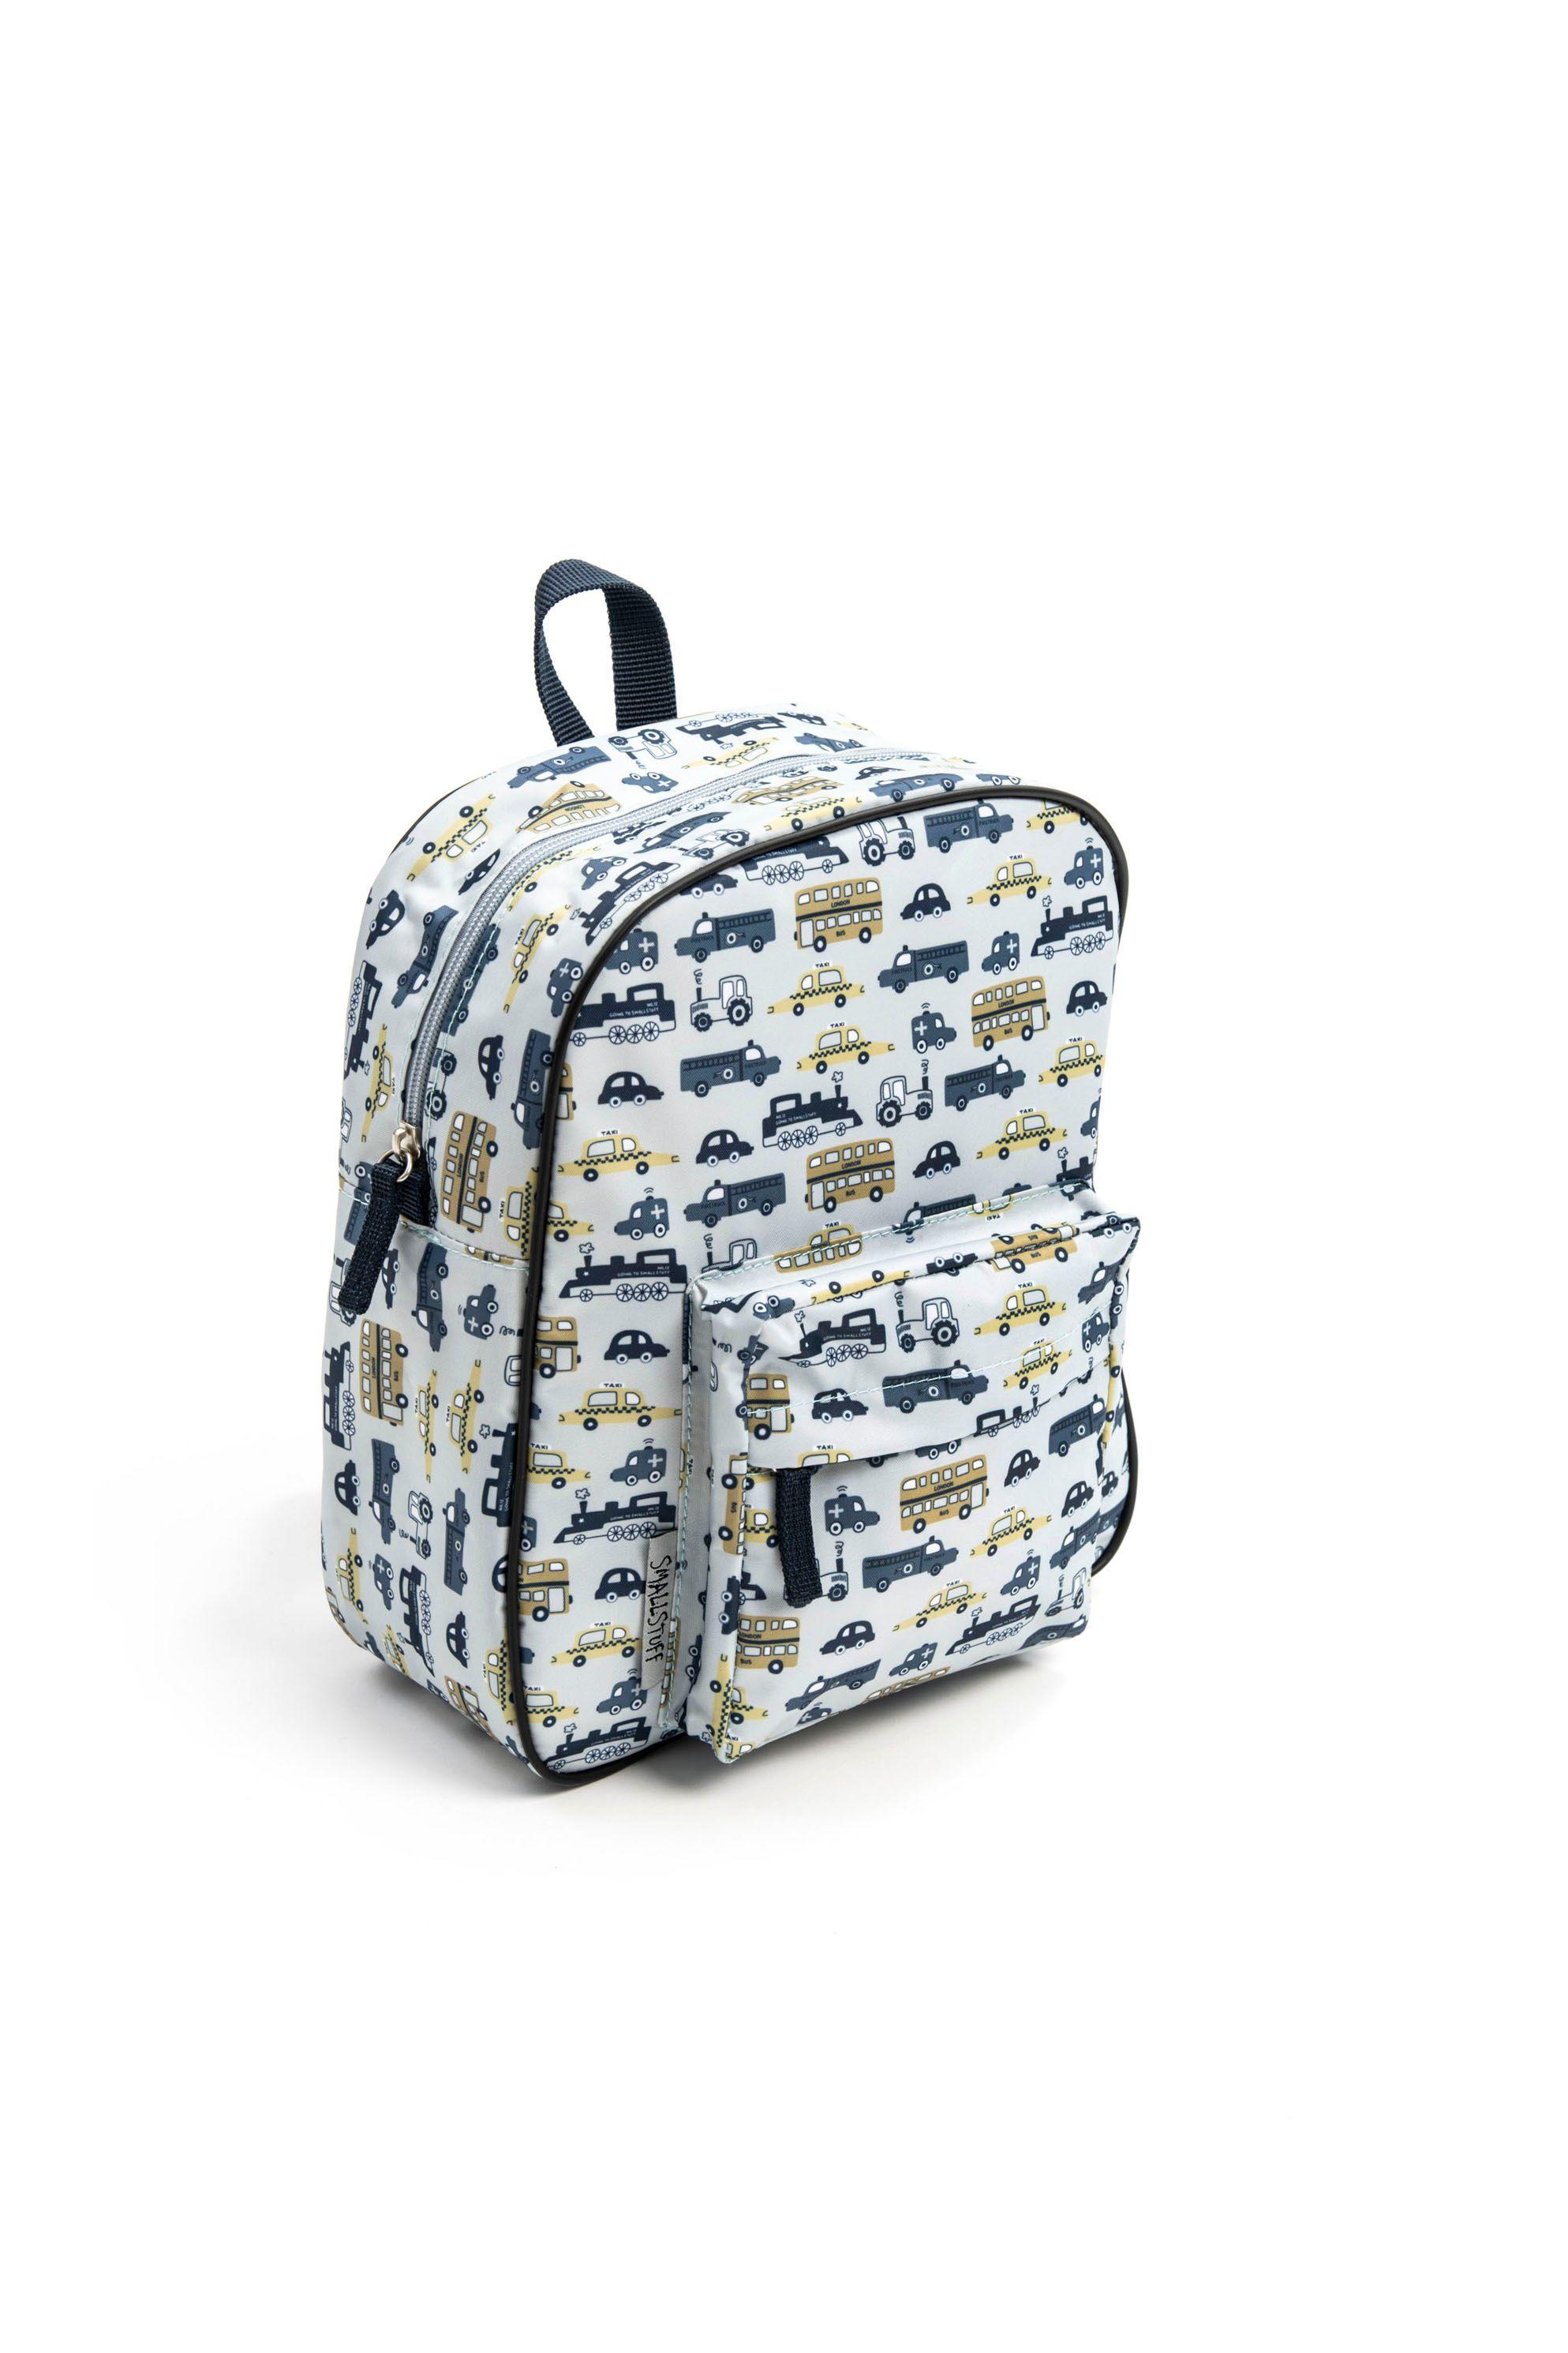 Smallstuff Small Backpack - Auto (83001-23)